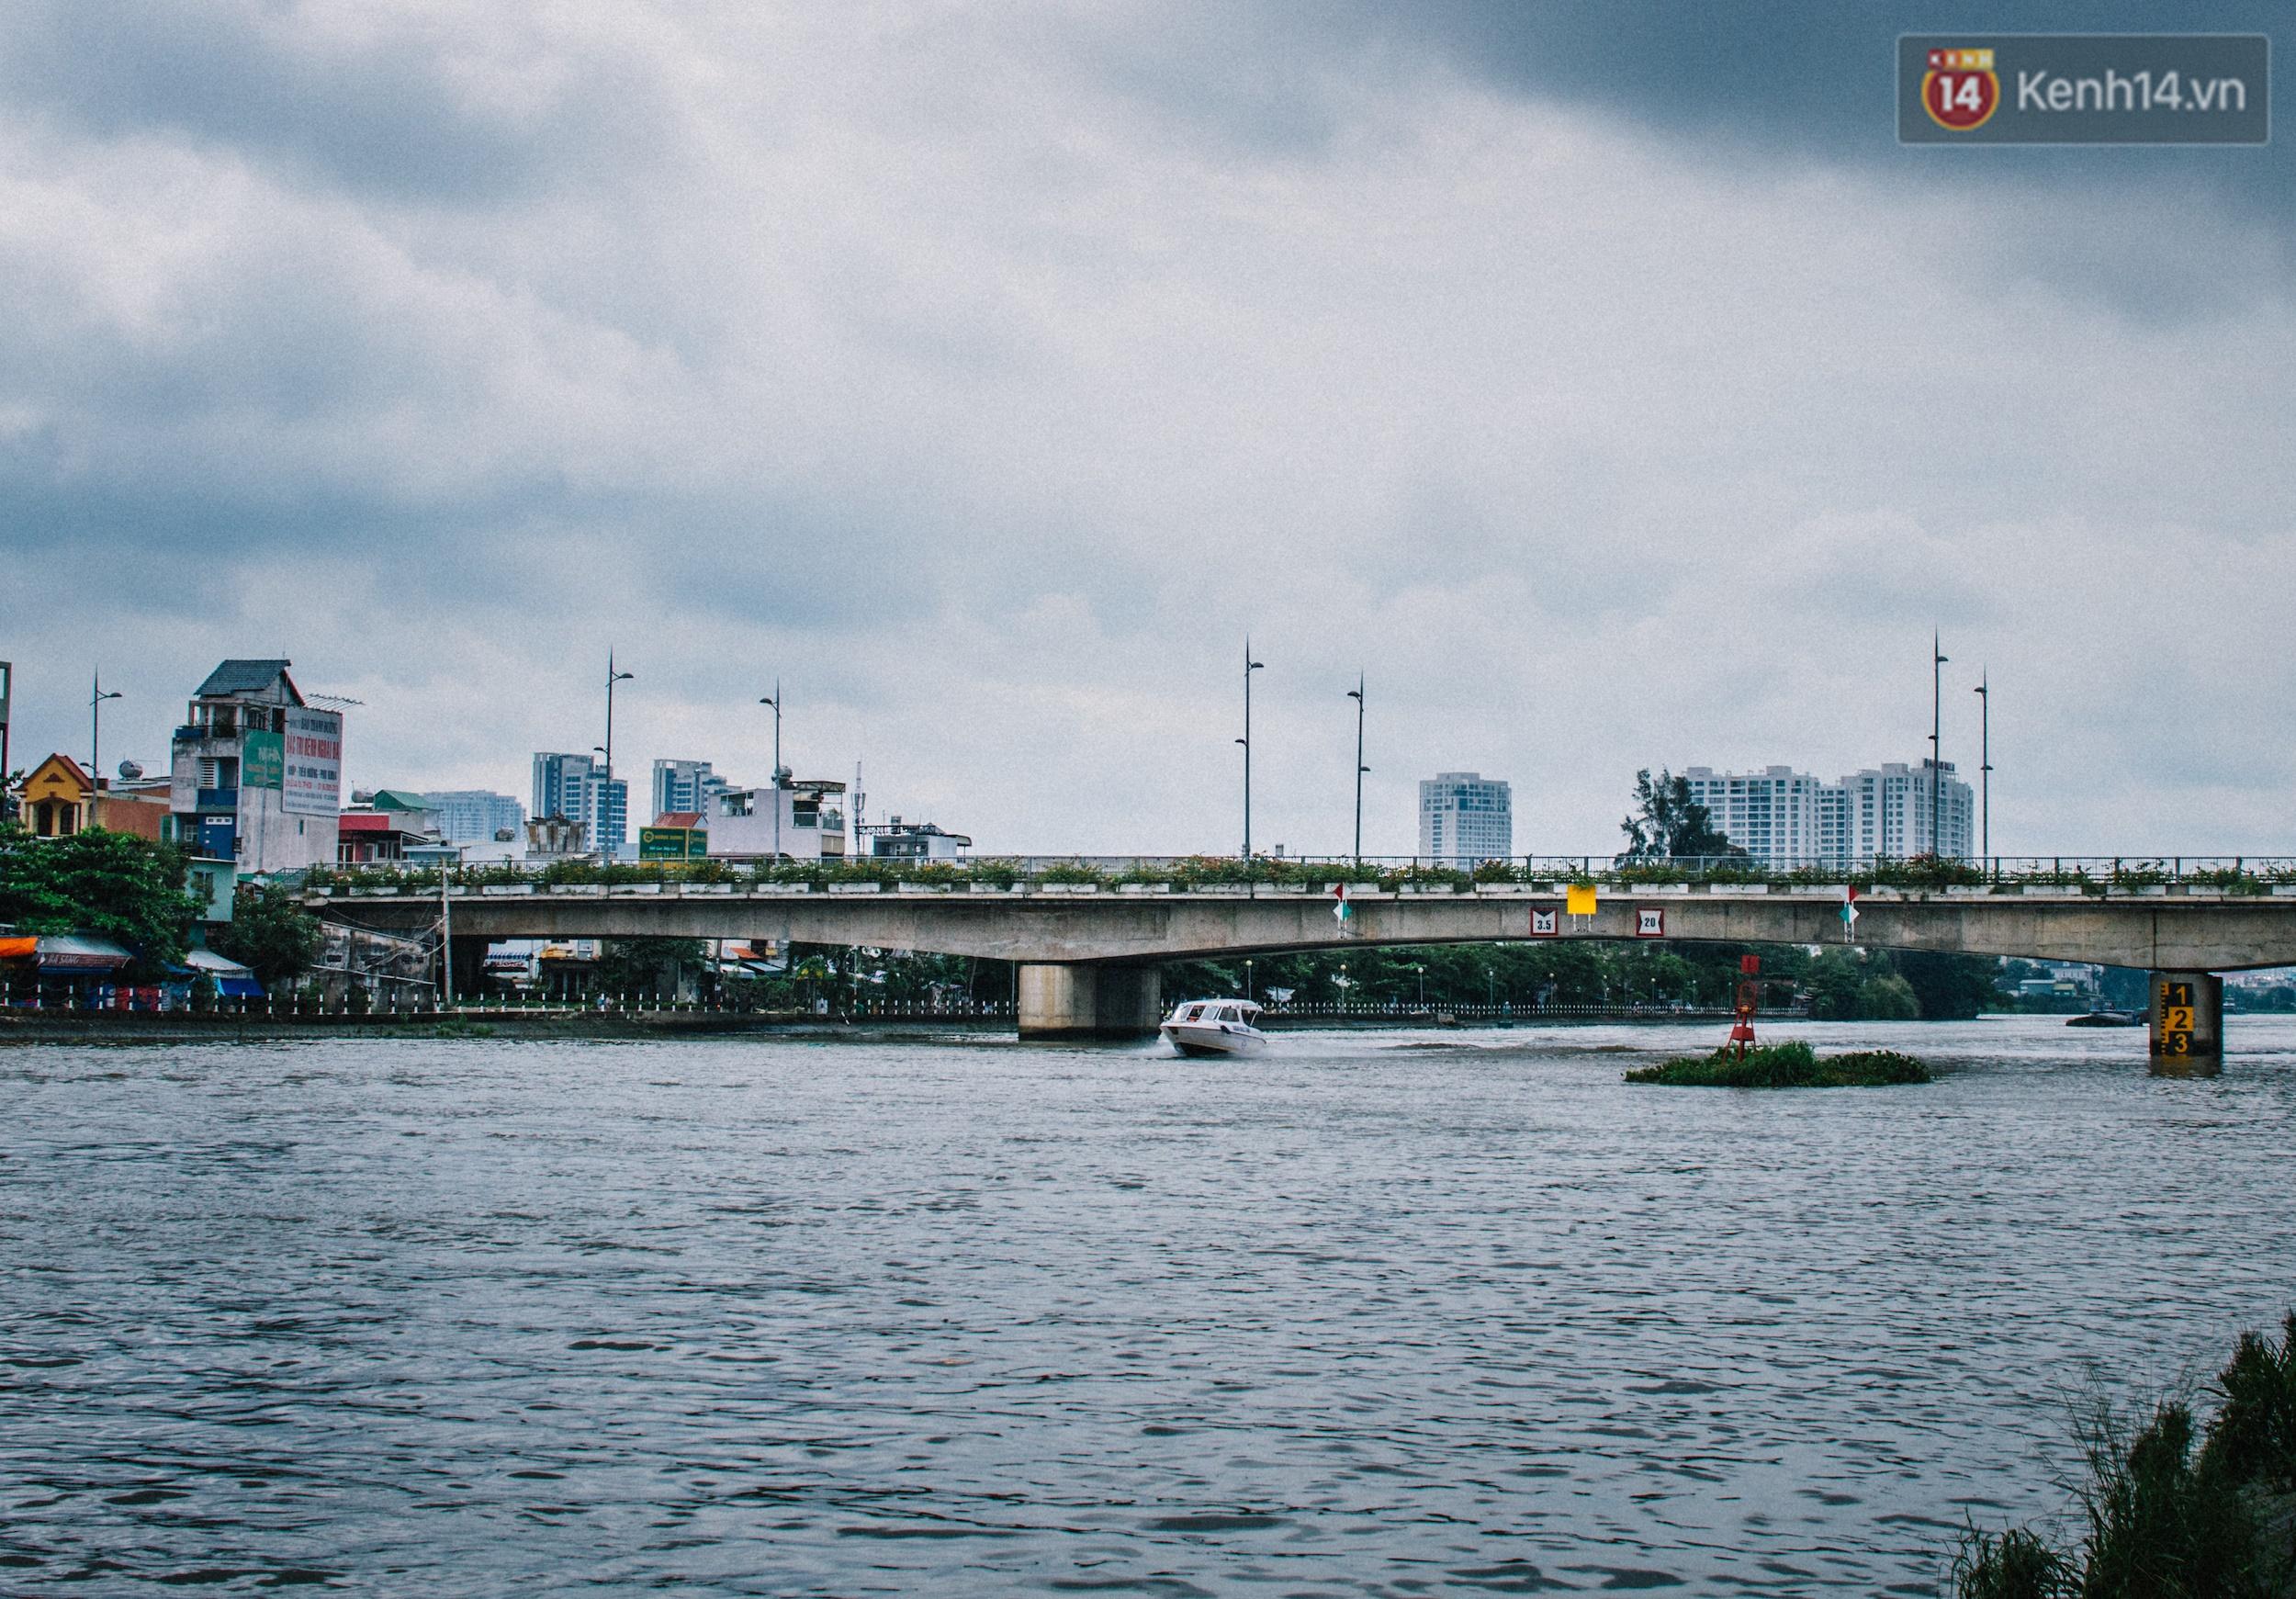 Chùm ảnh: Cuộc sống ở bán đảo Thanh Đa - Một miền nông thôn tách biệt dù chỉ cách trung tâm Sài Gòn vài km - Ảnh 1.